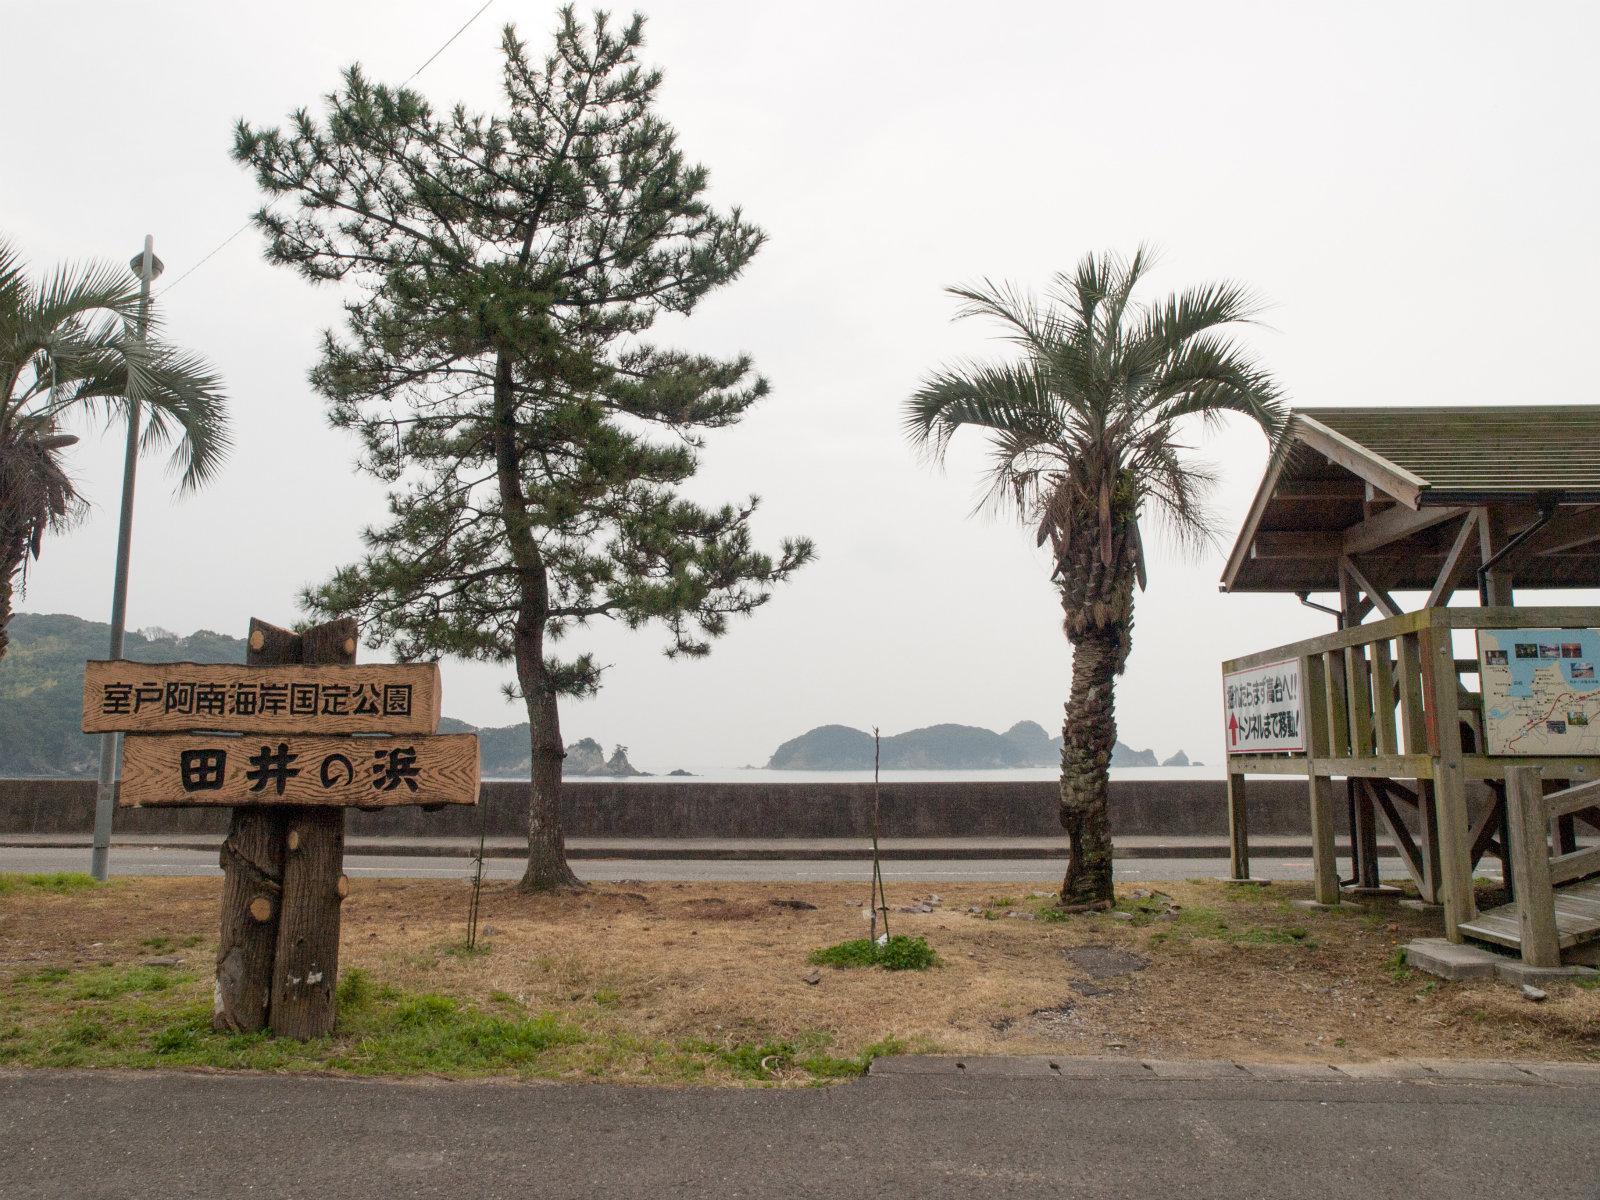 田井ノ浜駅周辺